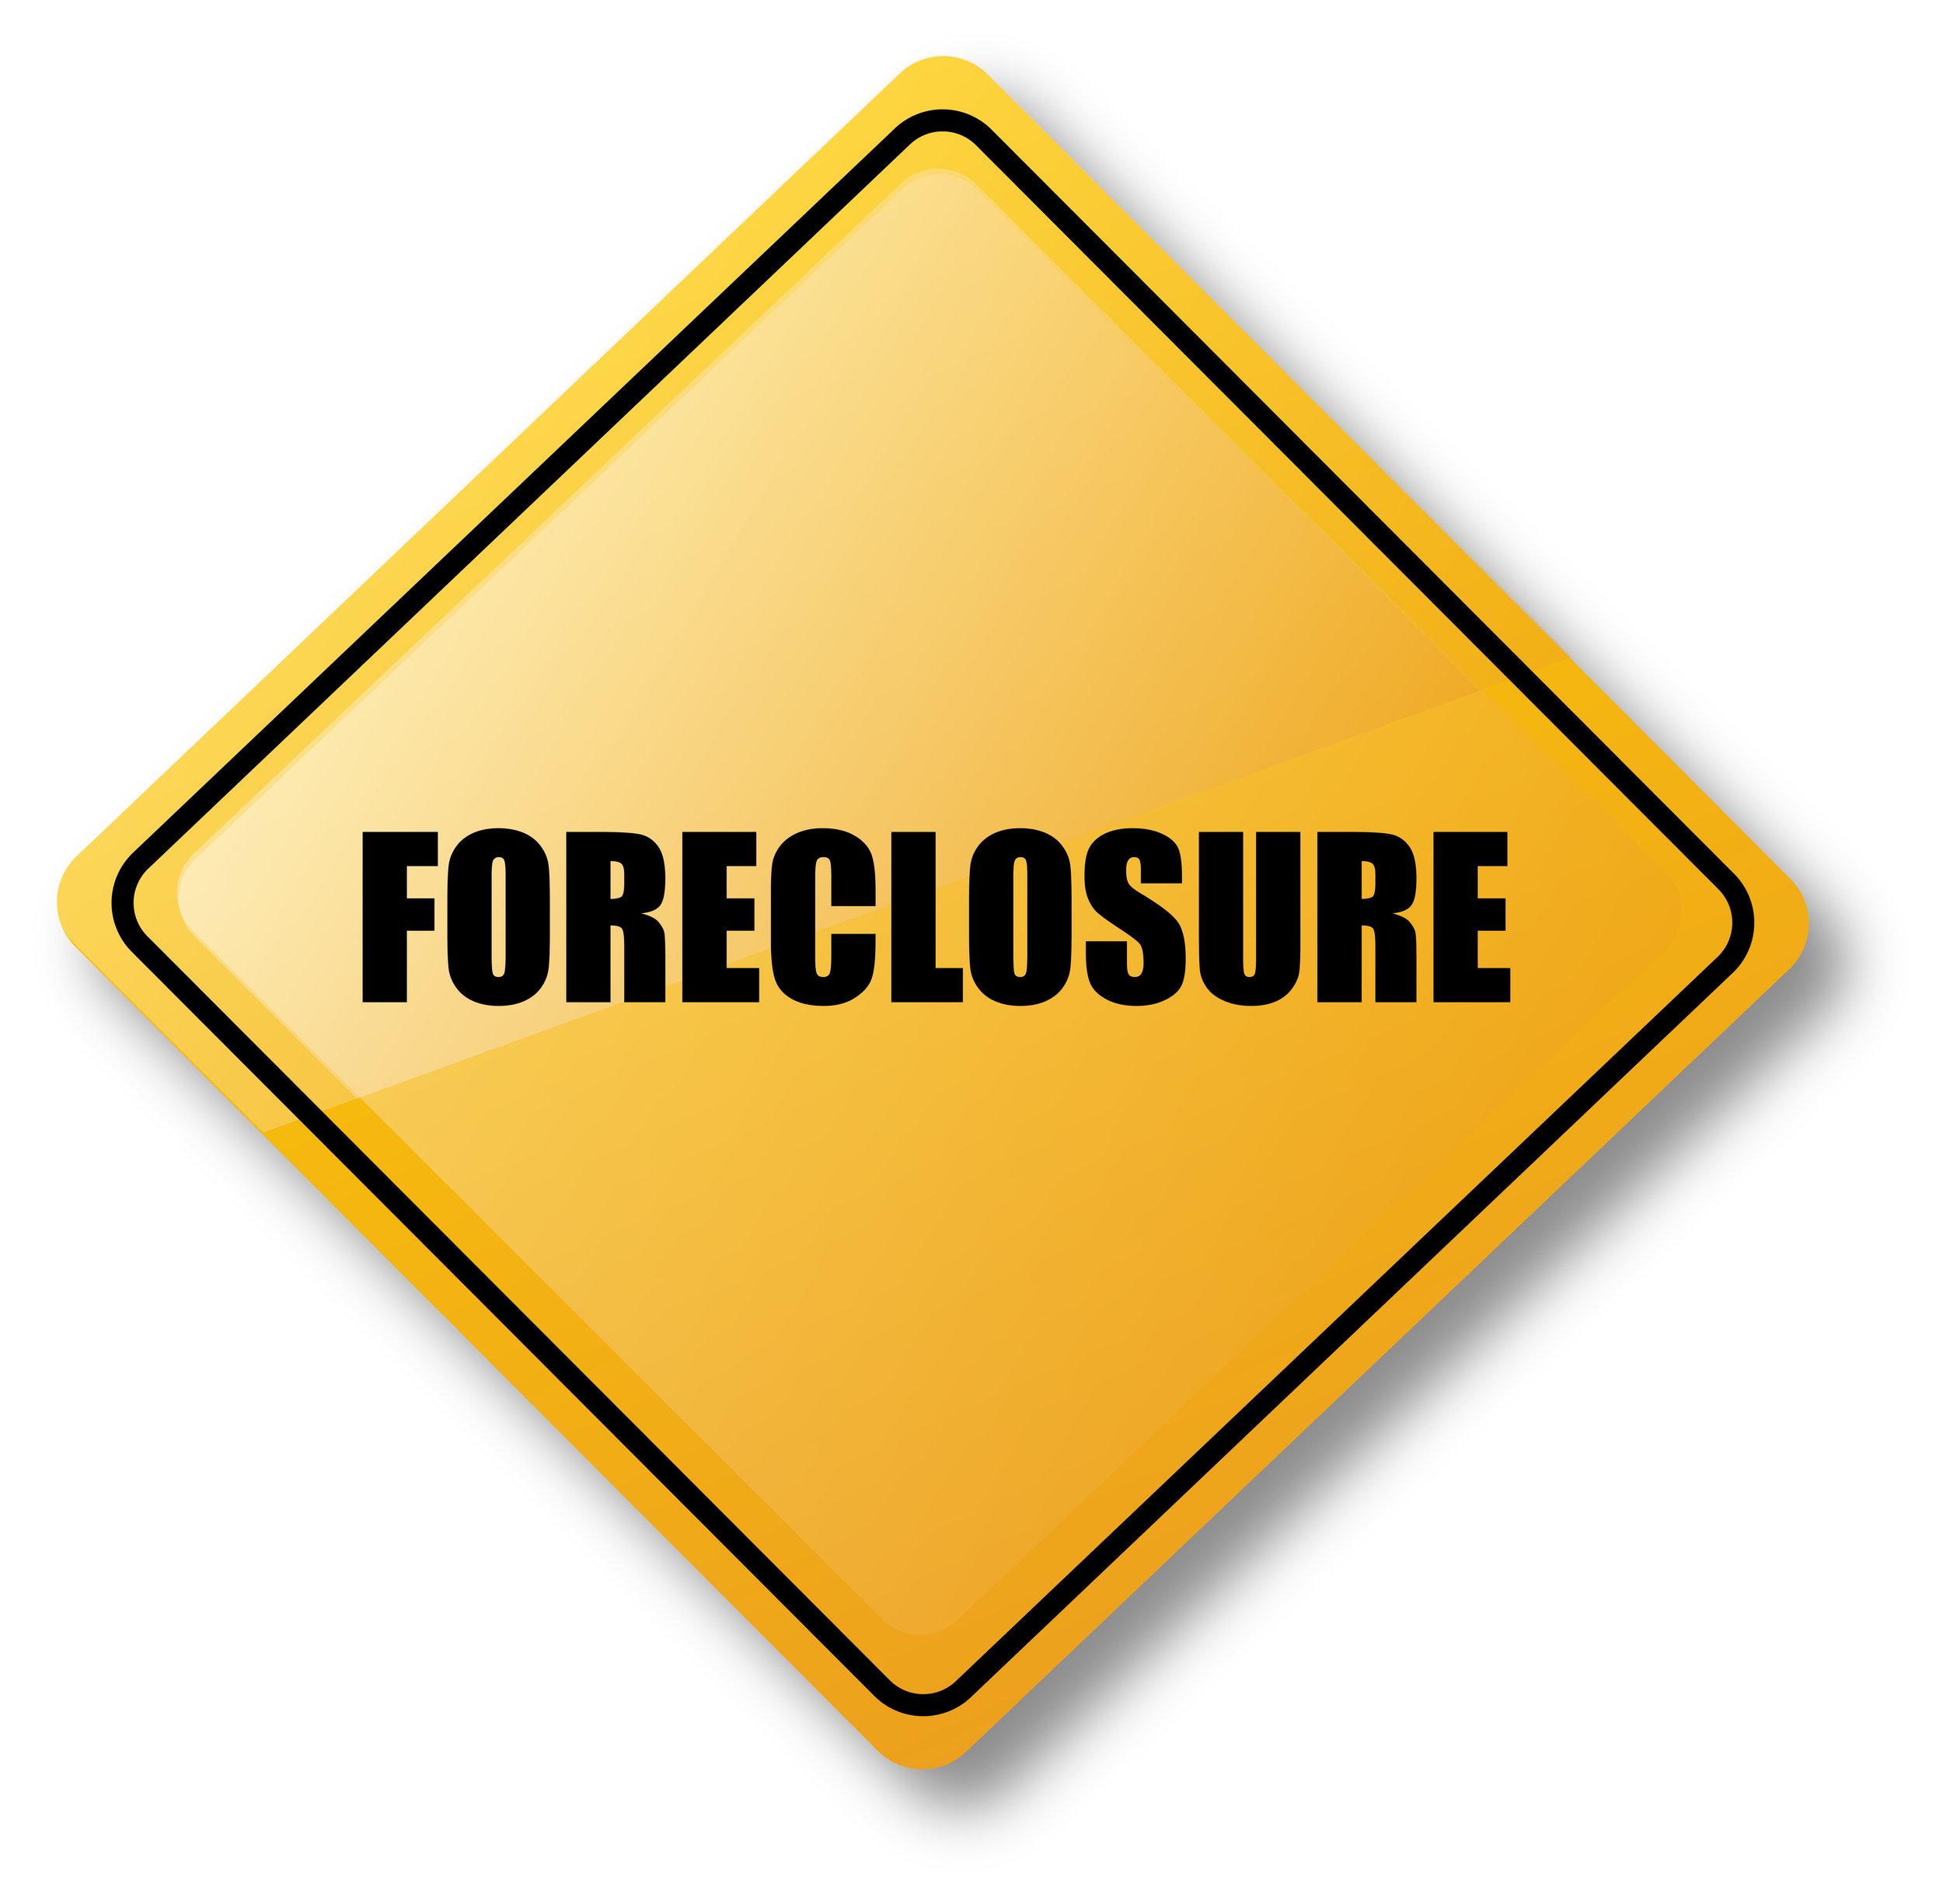 Foreclosure Caution Sign